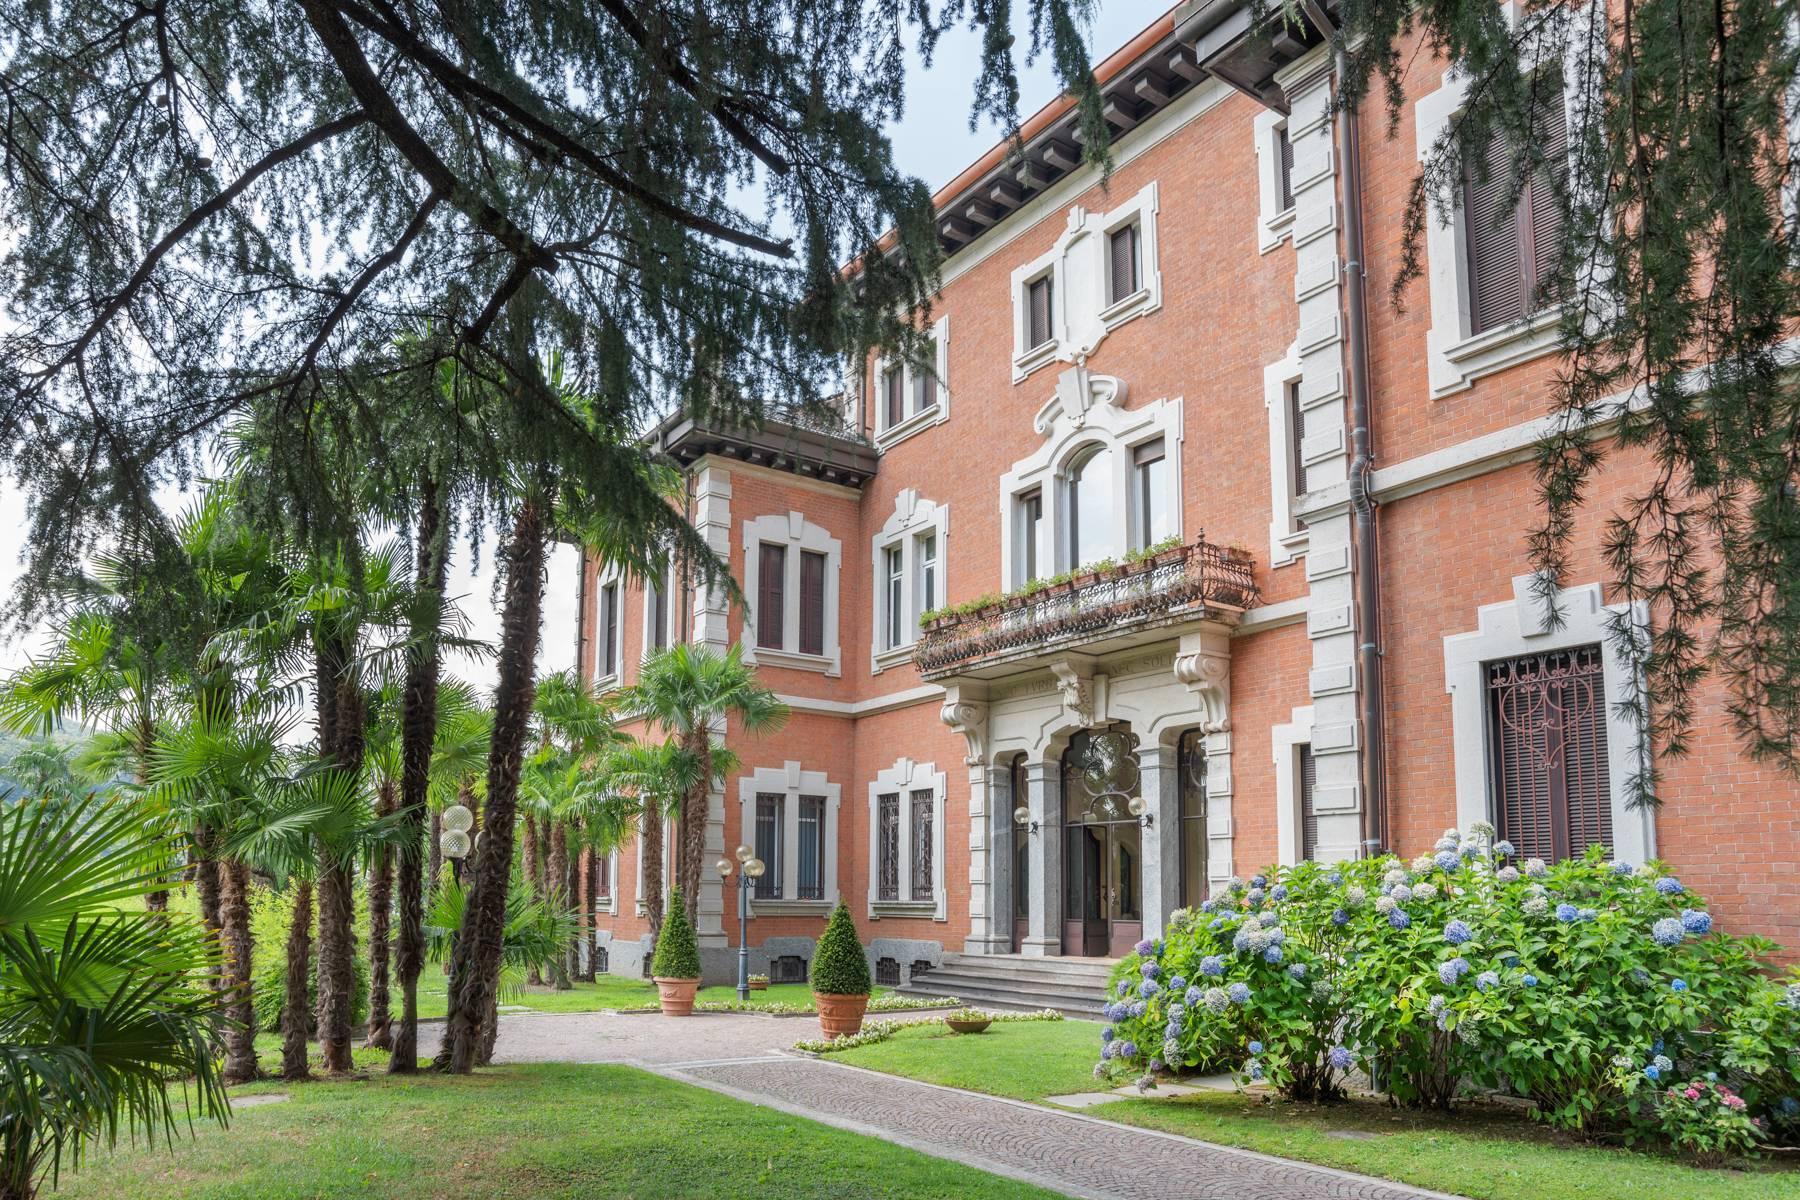 Incantevole appartamento in villa esclusiva dei primi del 900 - 6